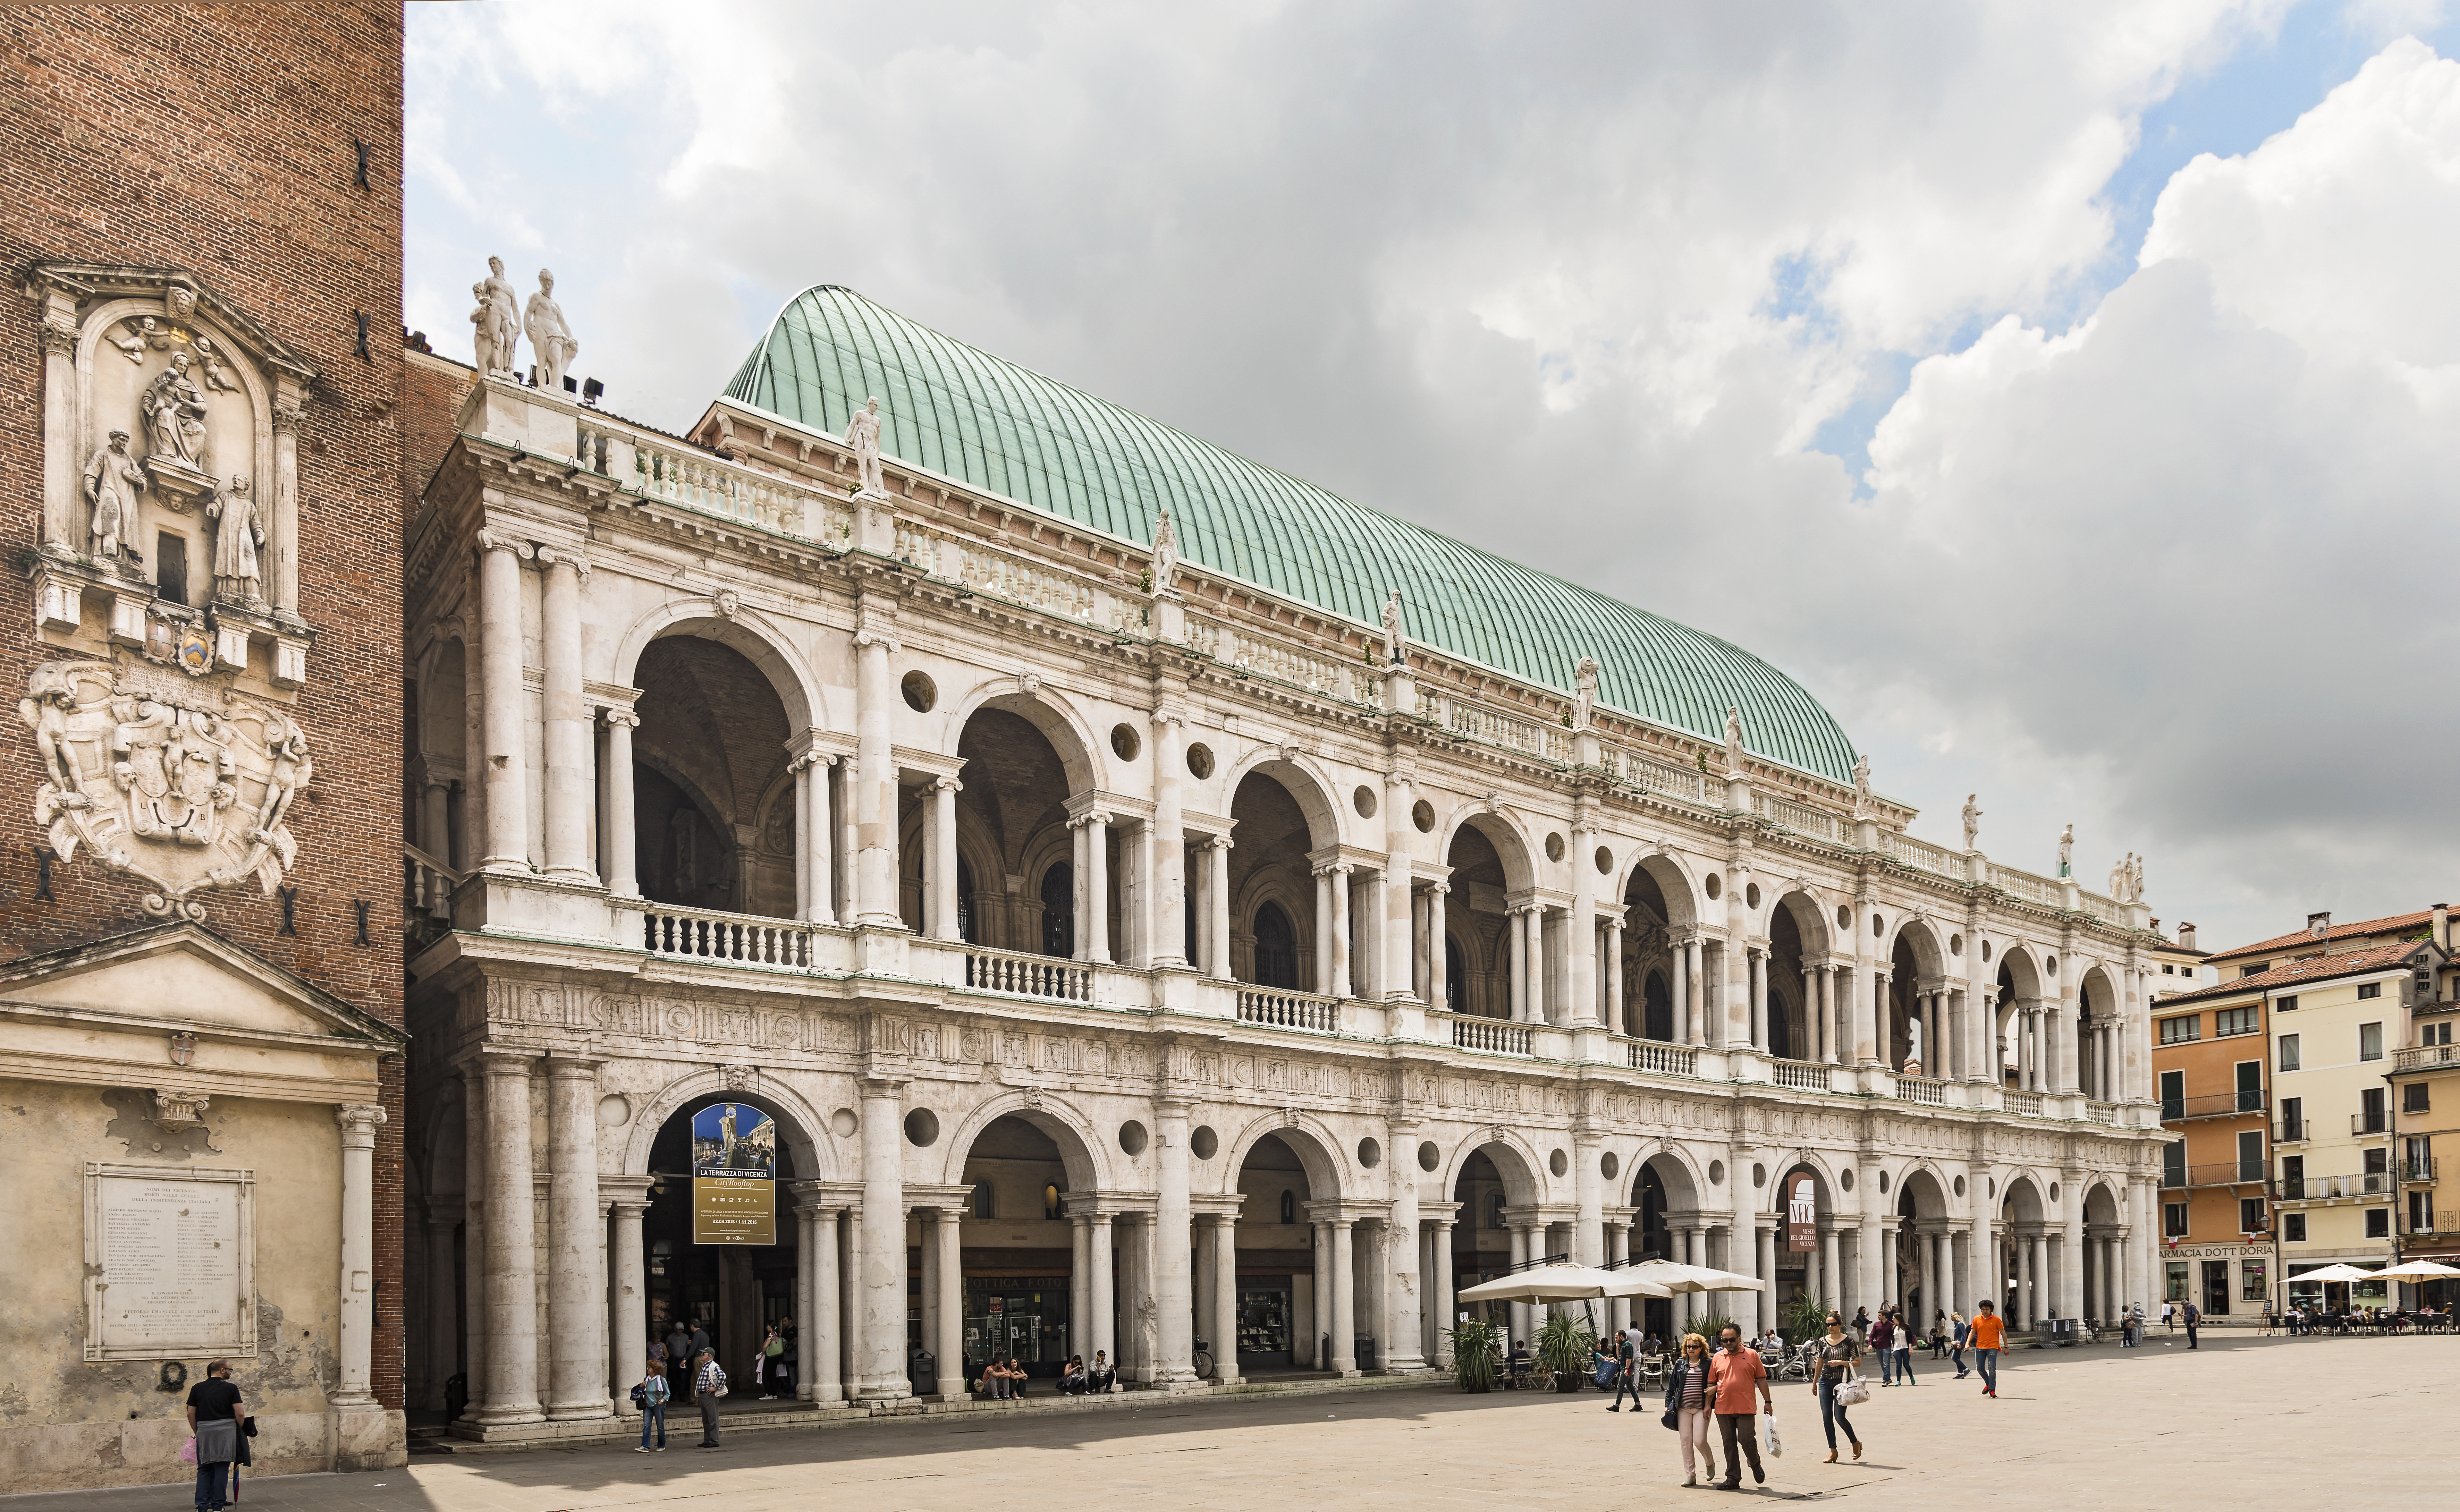 Basilica Palladiana Vicenza facade on Piazza dei signori